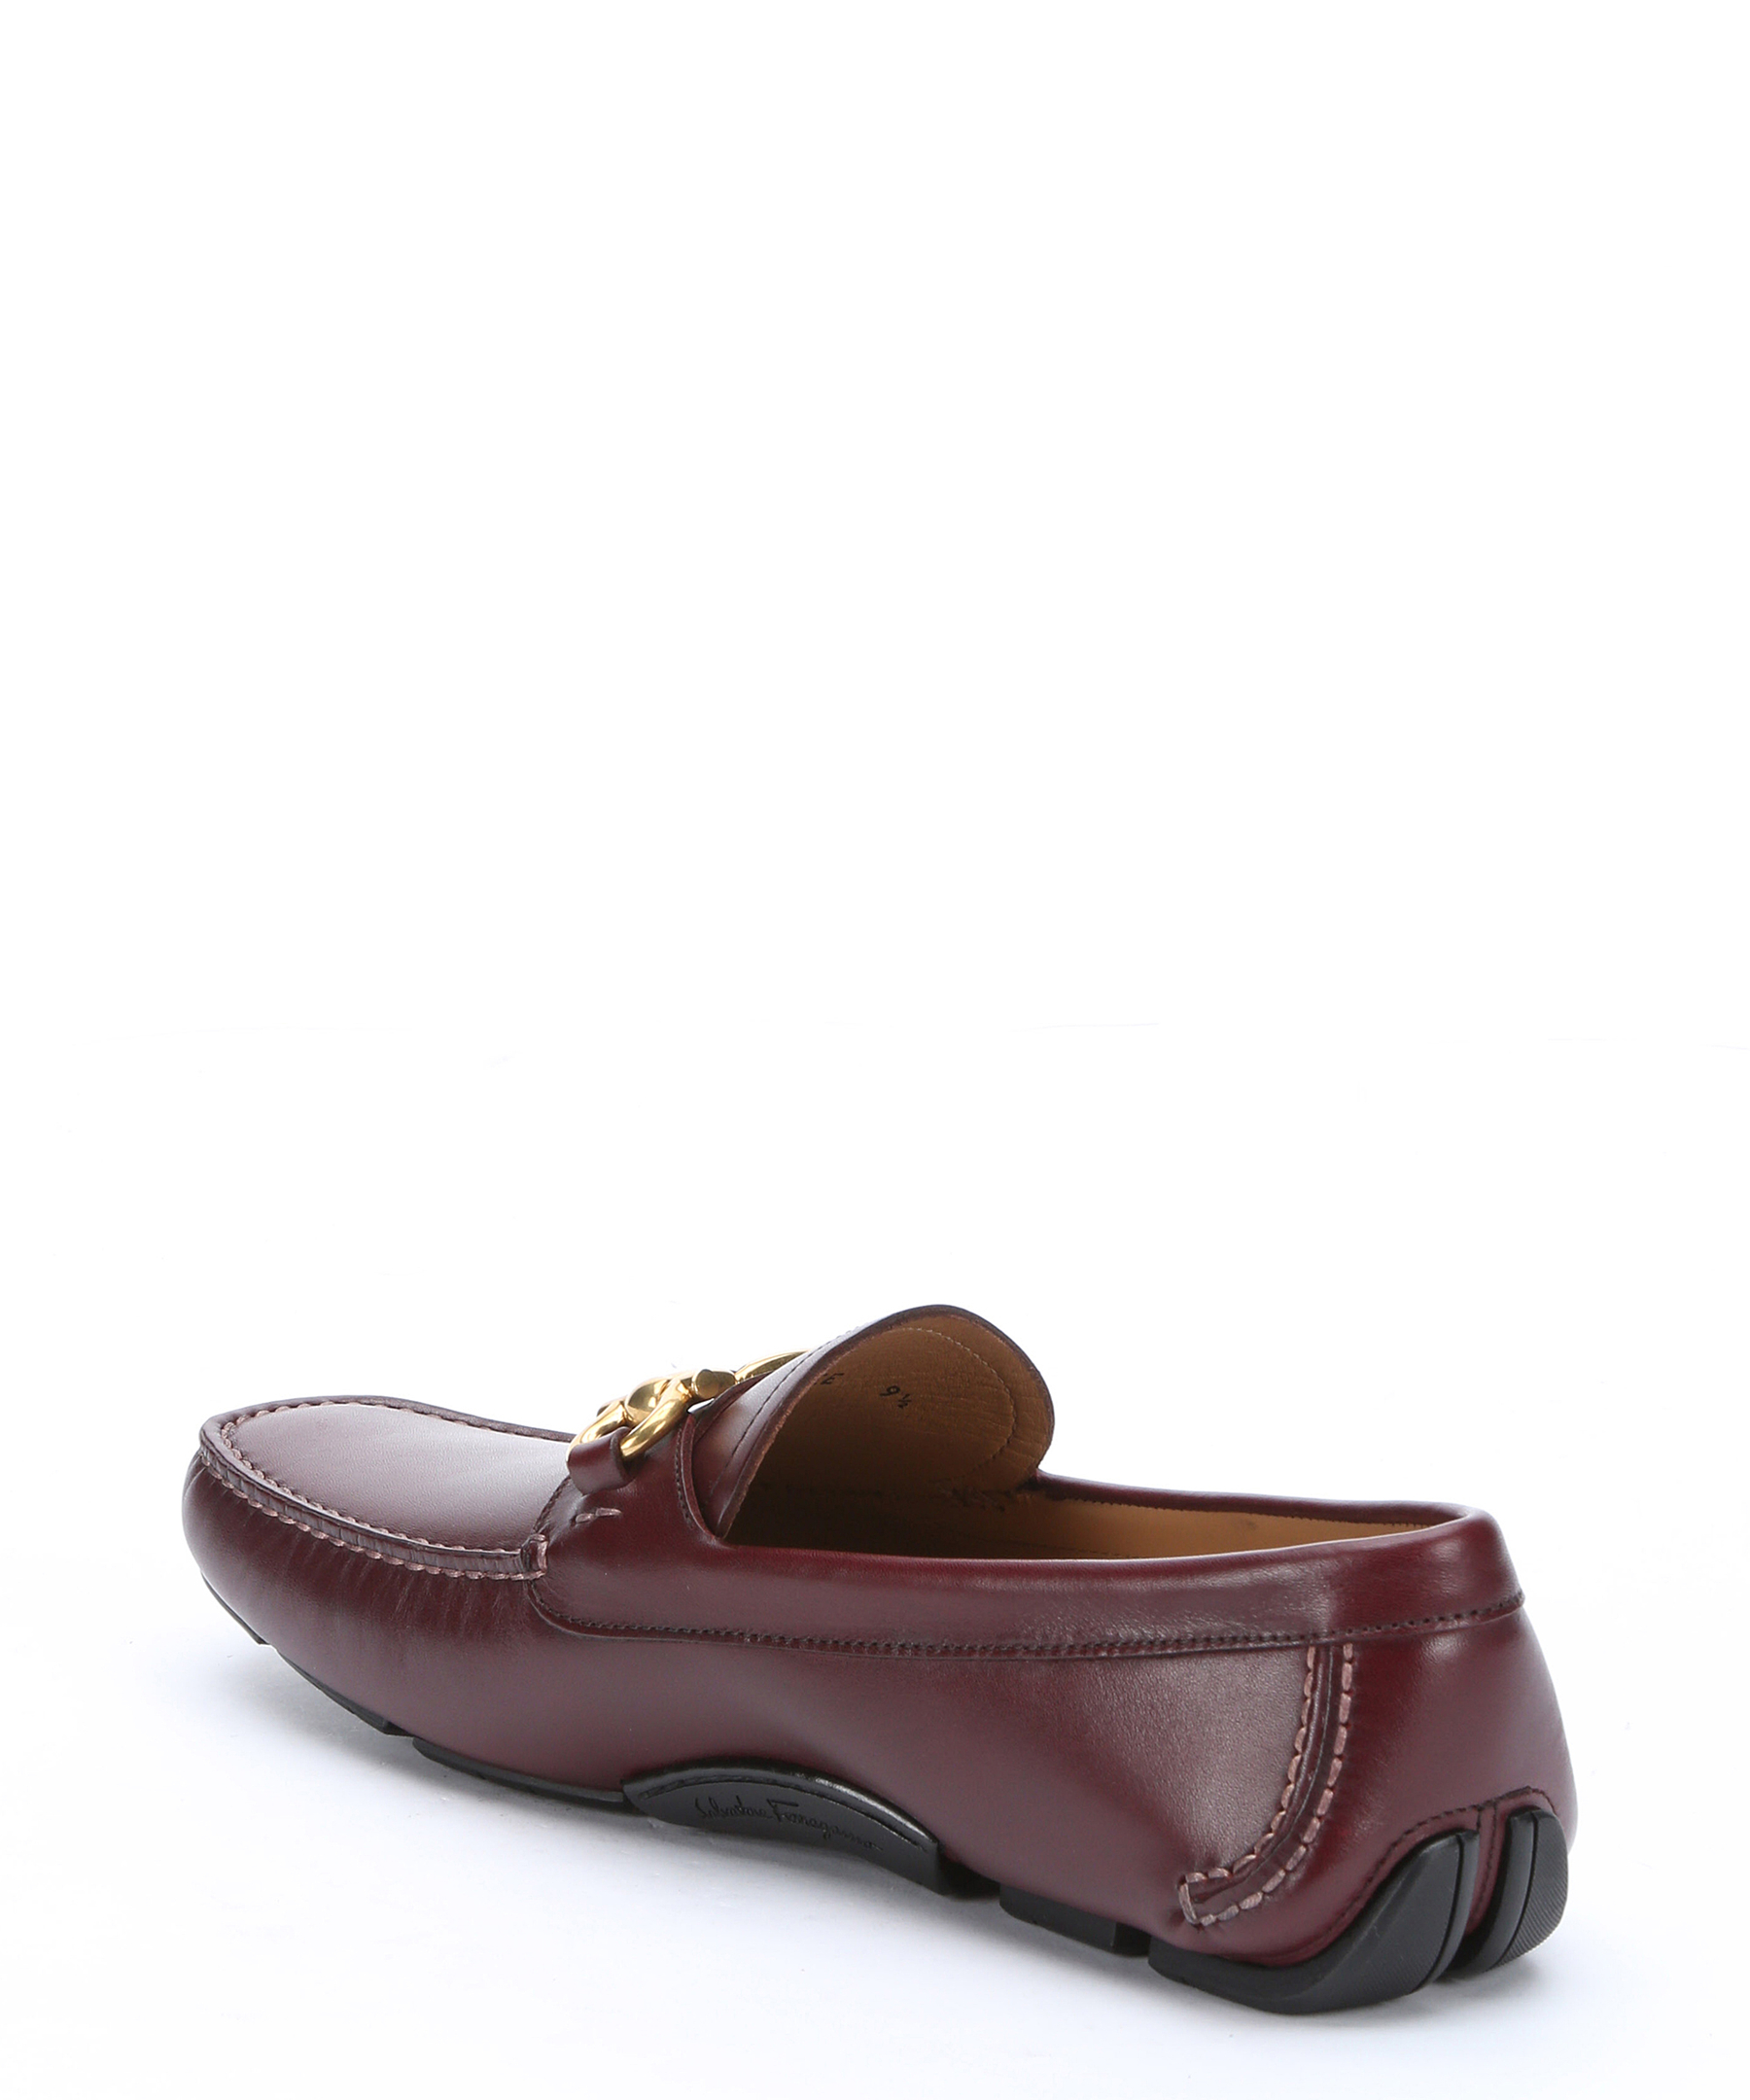 Gant Mens Deck Shoes